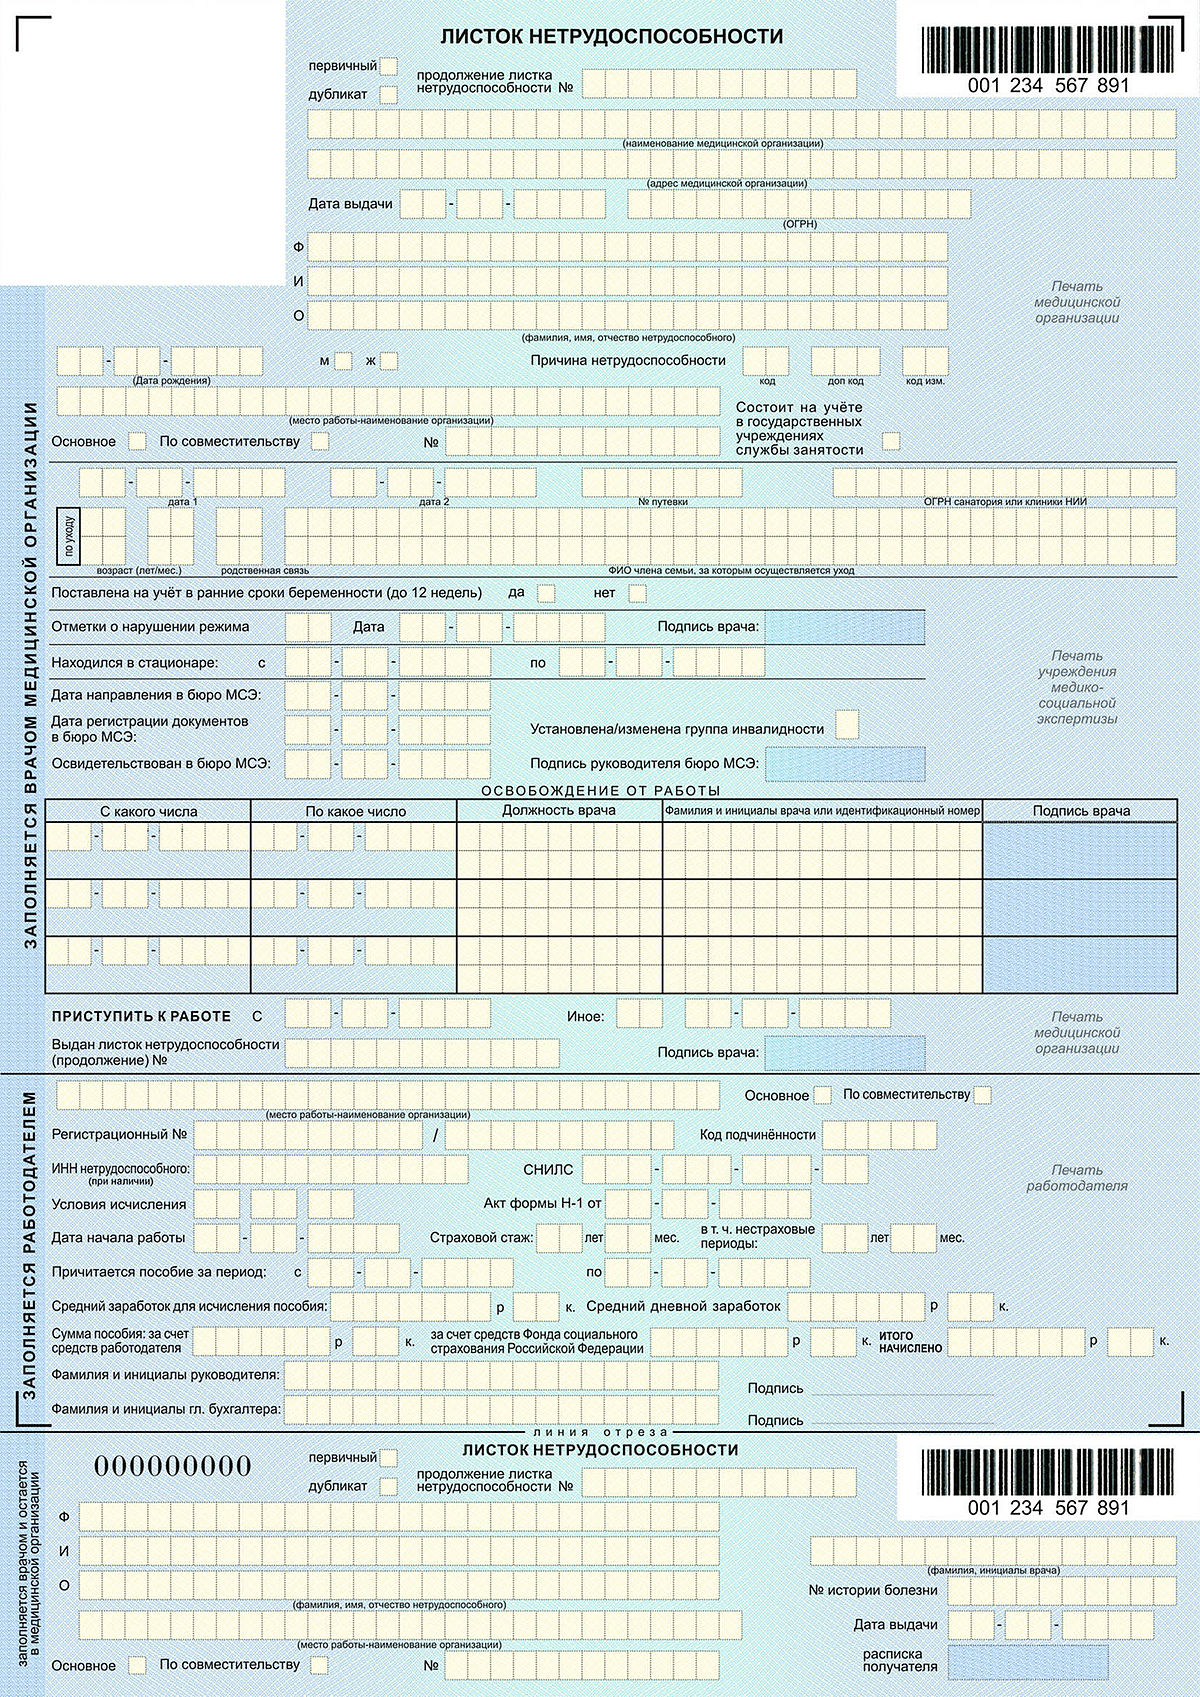 Как правильно начислять больничный лист в 2015 году рб анализатр мочи cl-5009u